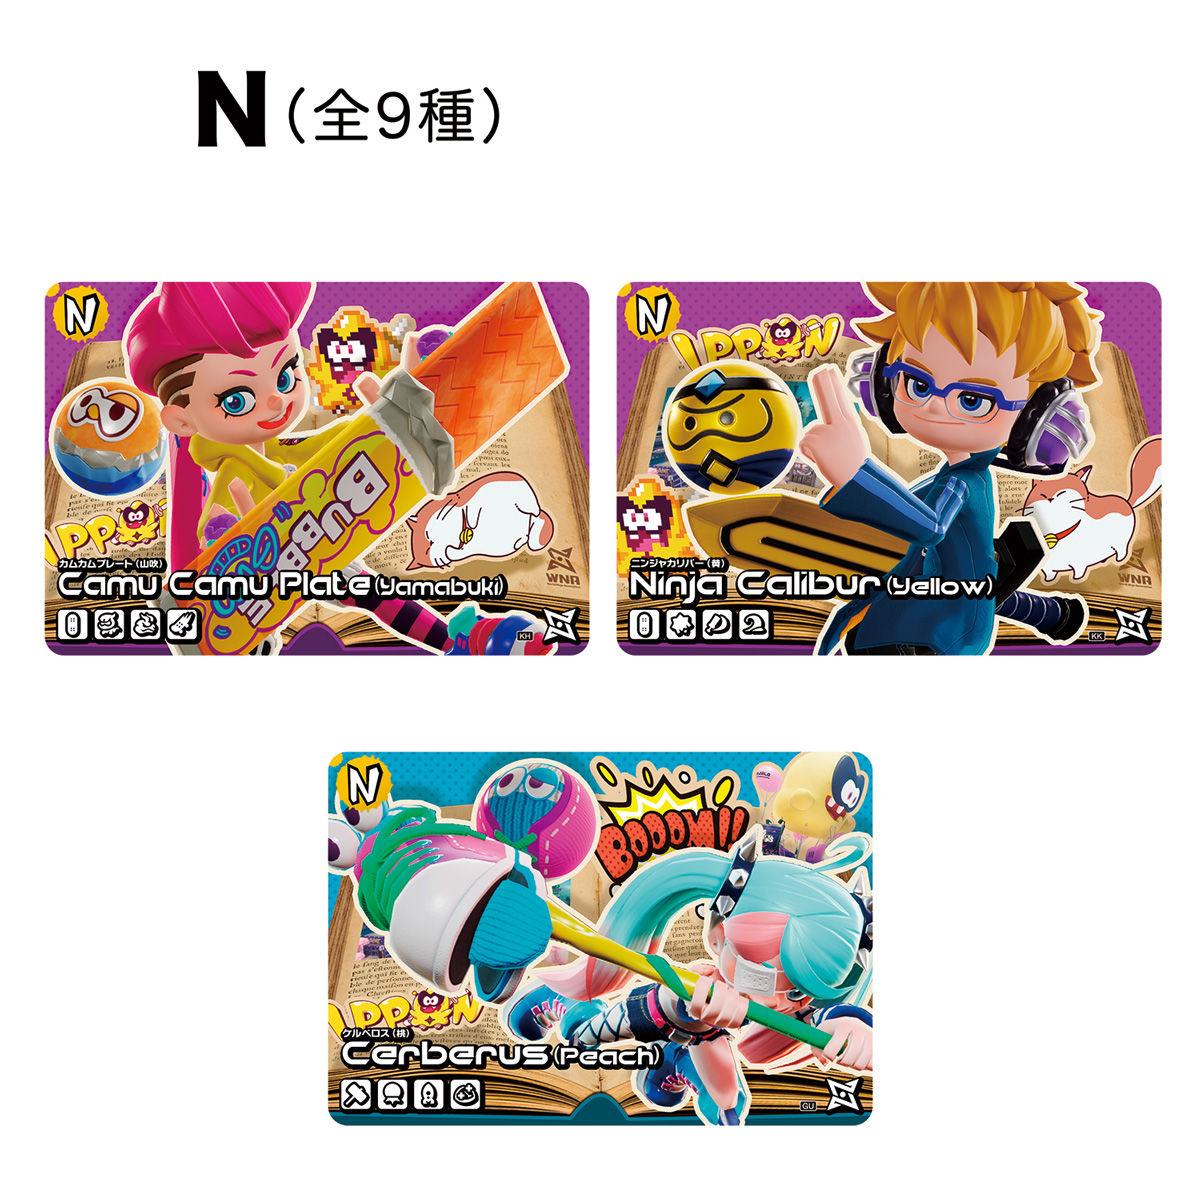 ニンジャラコレクションカード Vol.1+